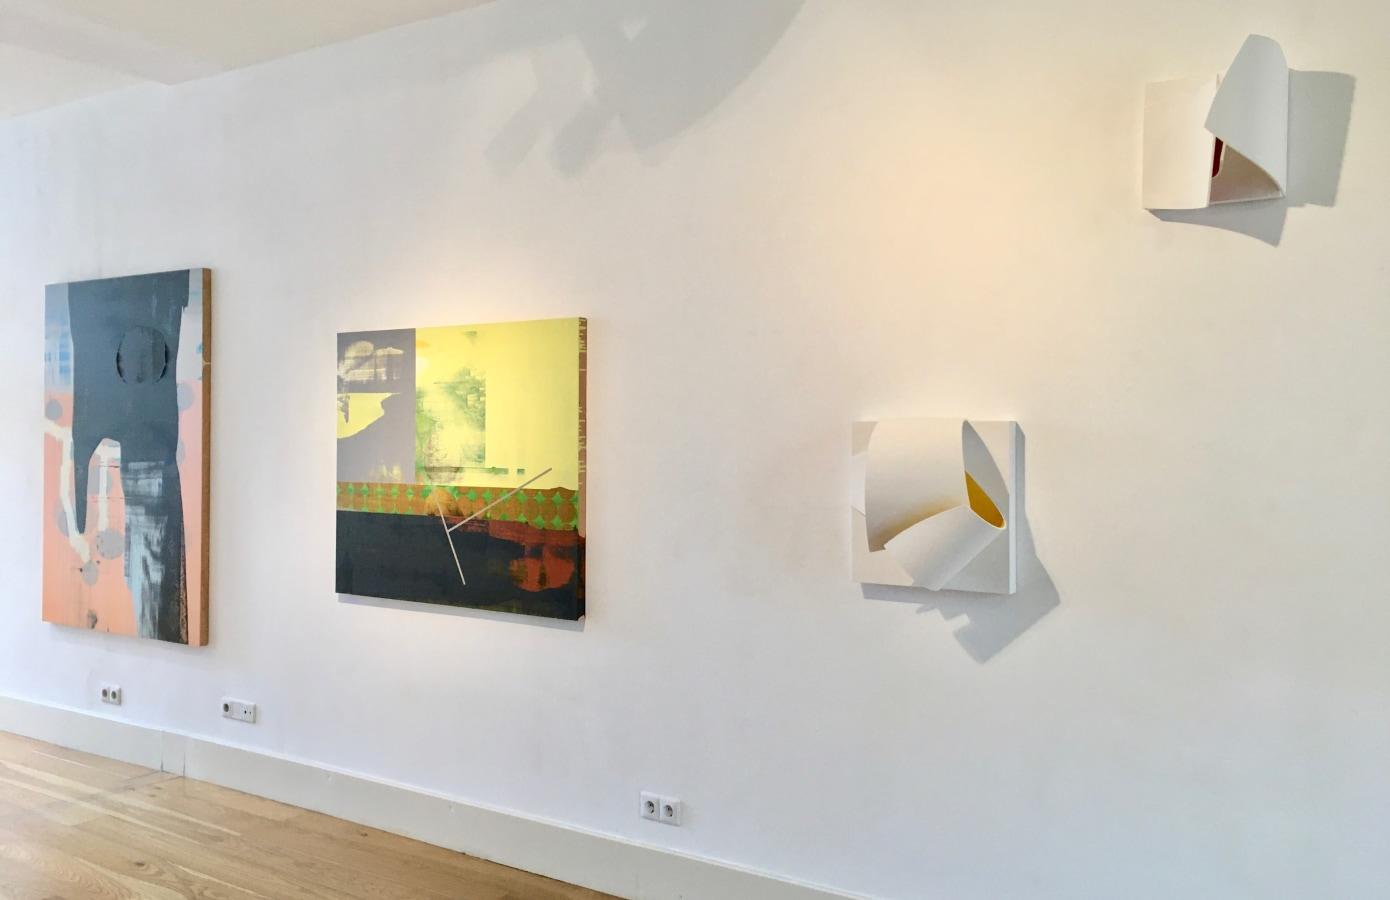 Remembrance, David Engel, René Korten, Bas Lobik,